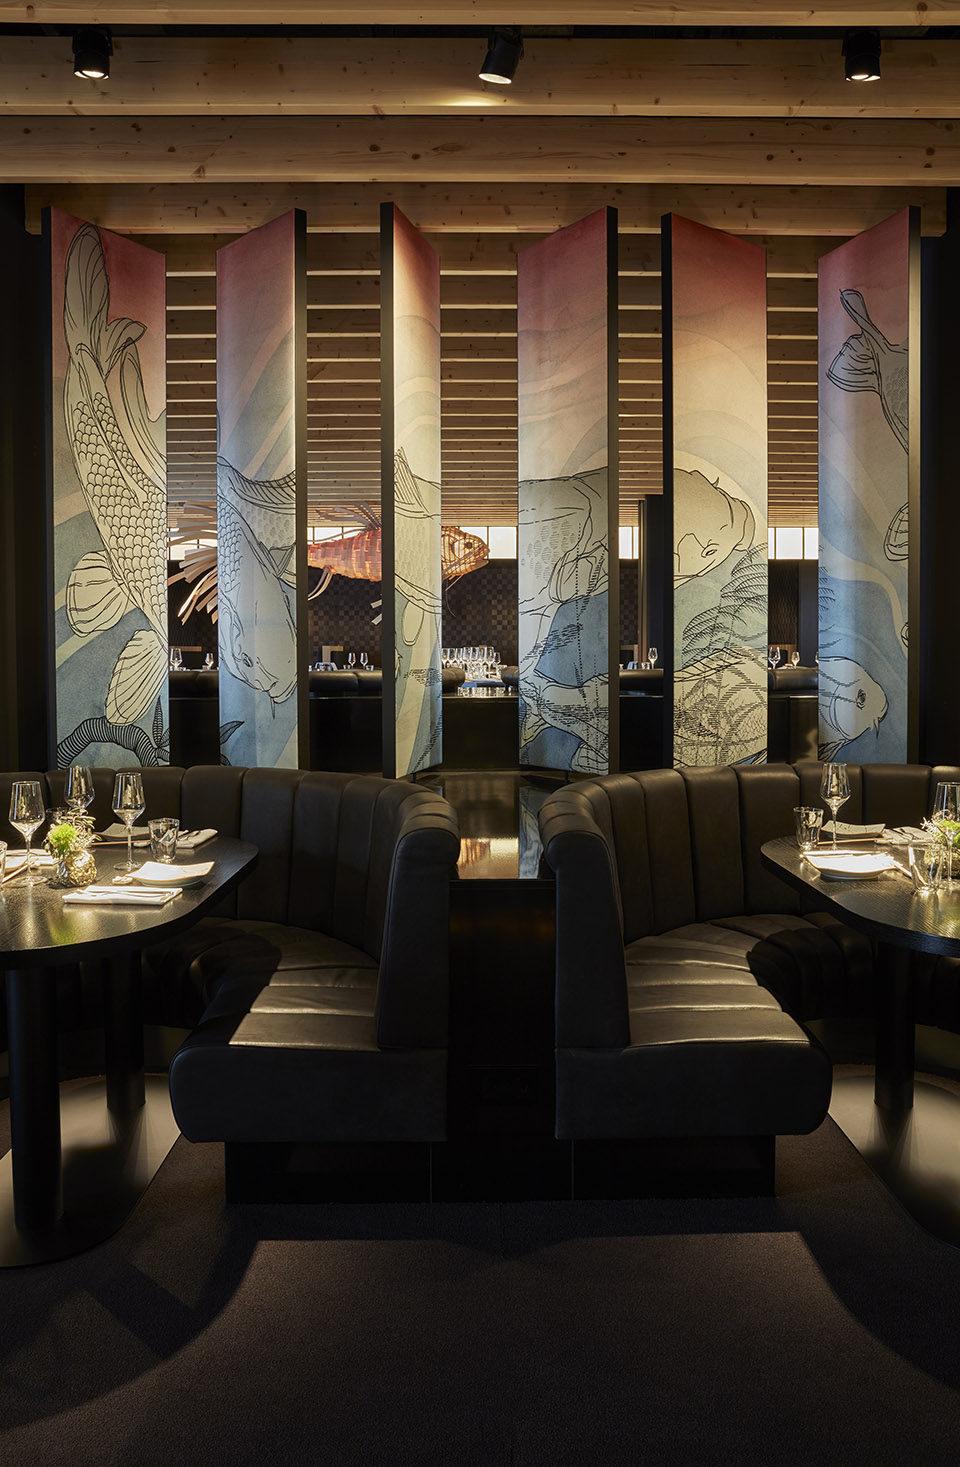 izakaya餐厅 设计_094748wftm5gfbgjc9a0j8.jpg